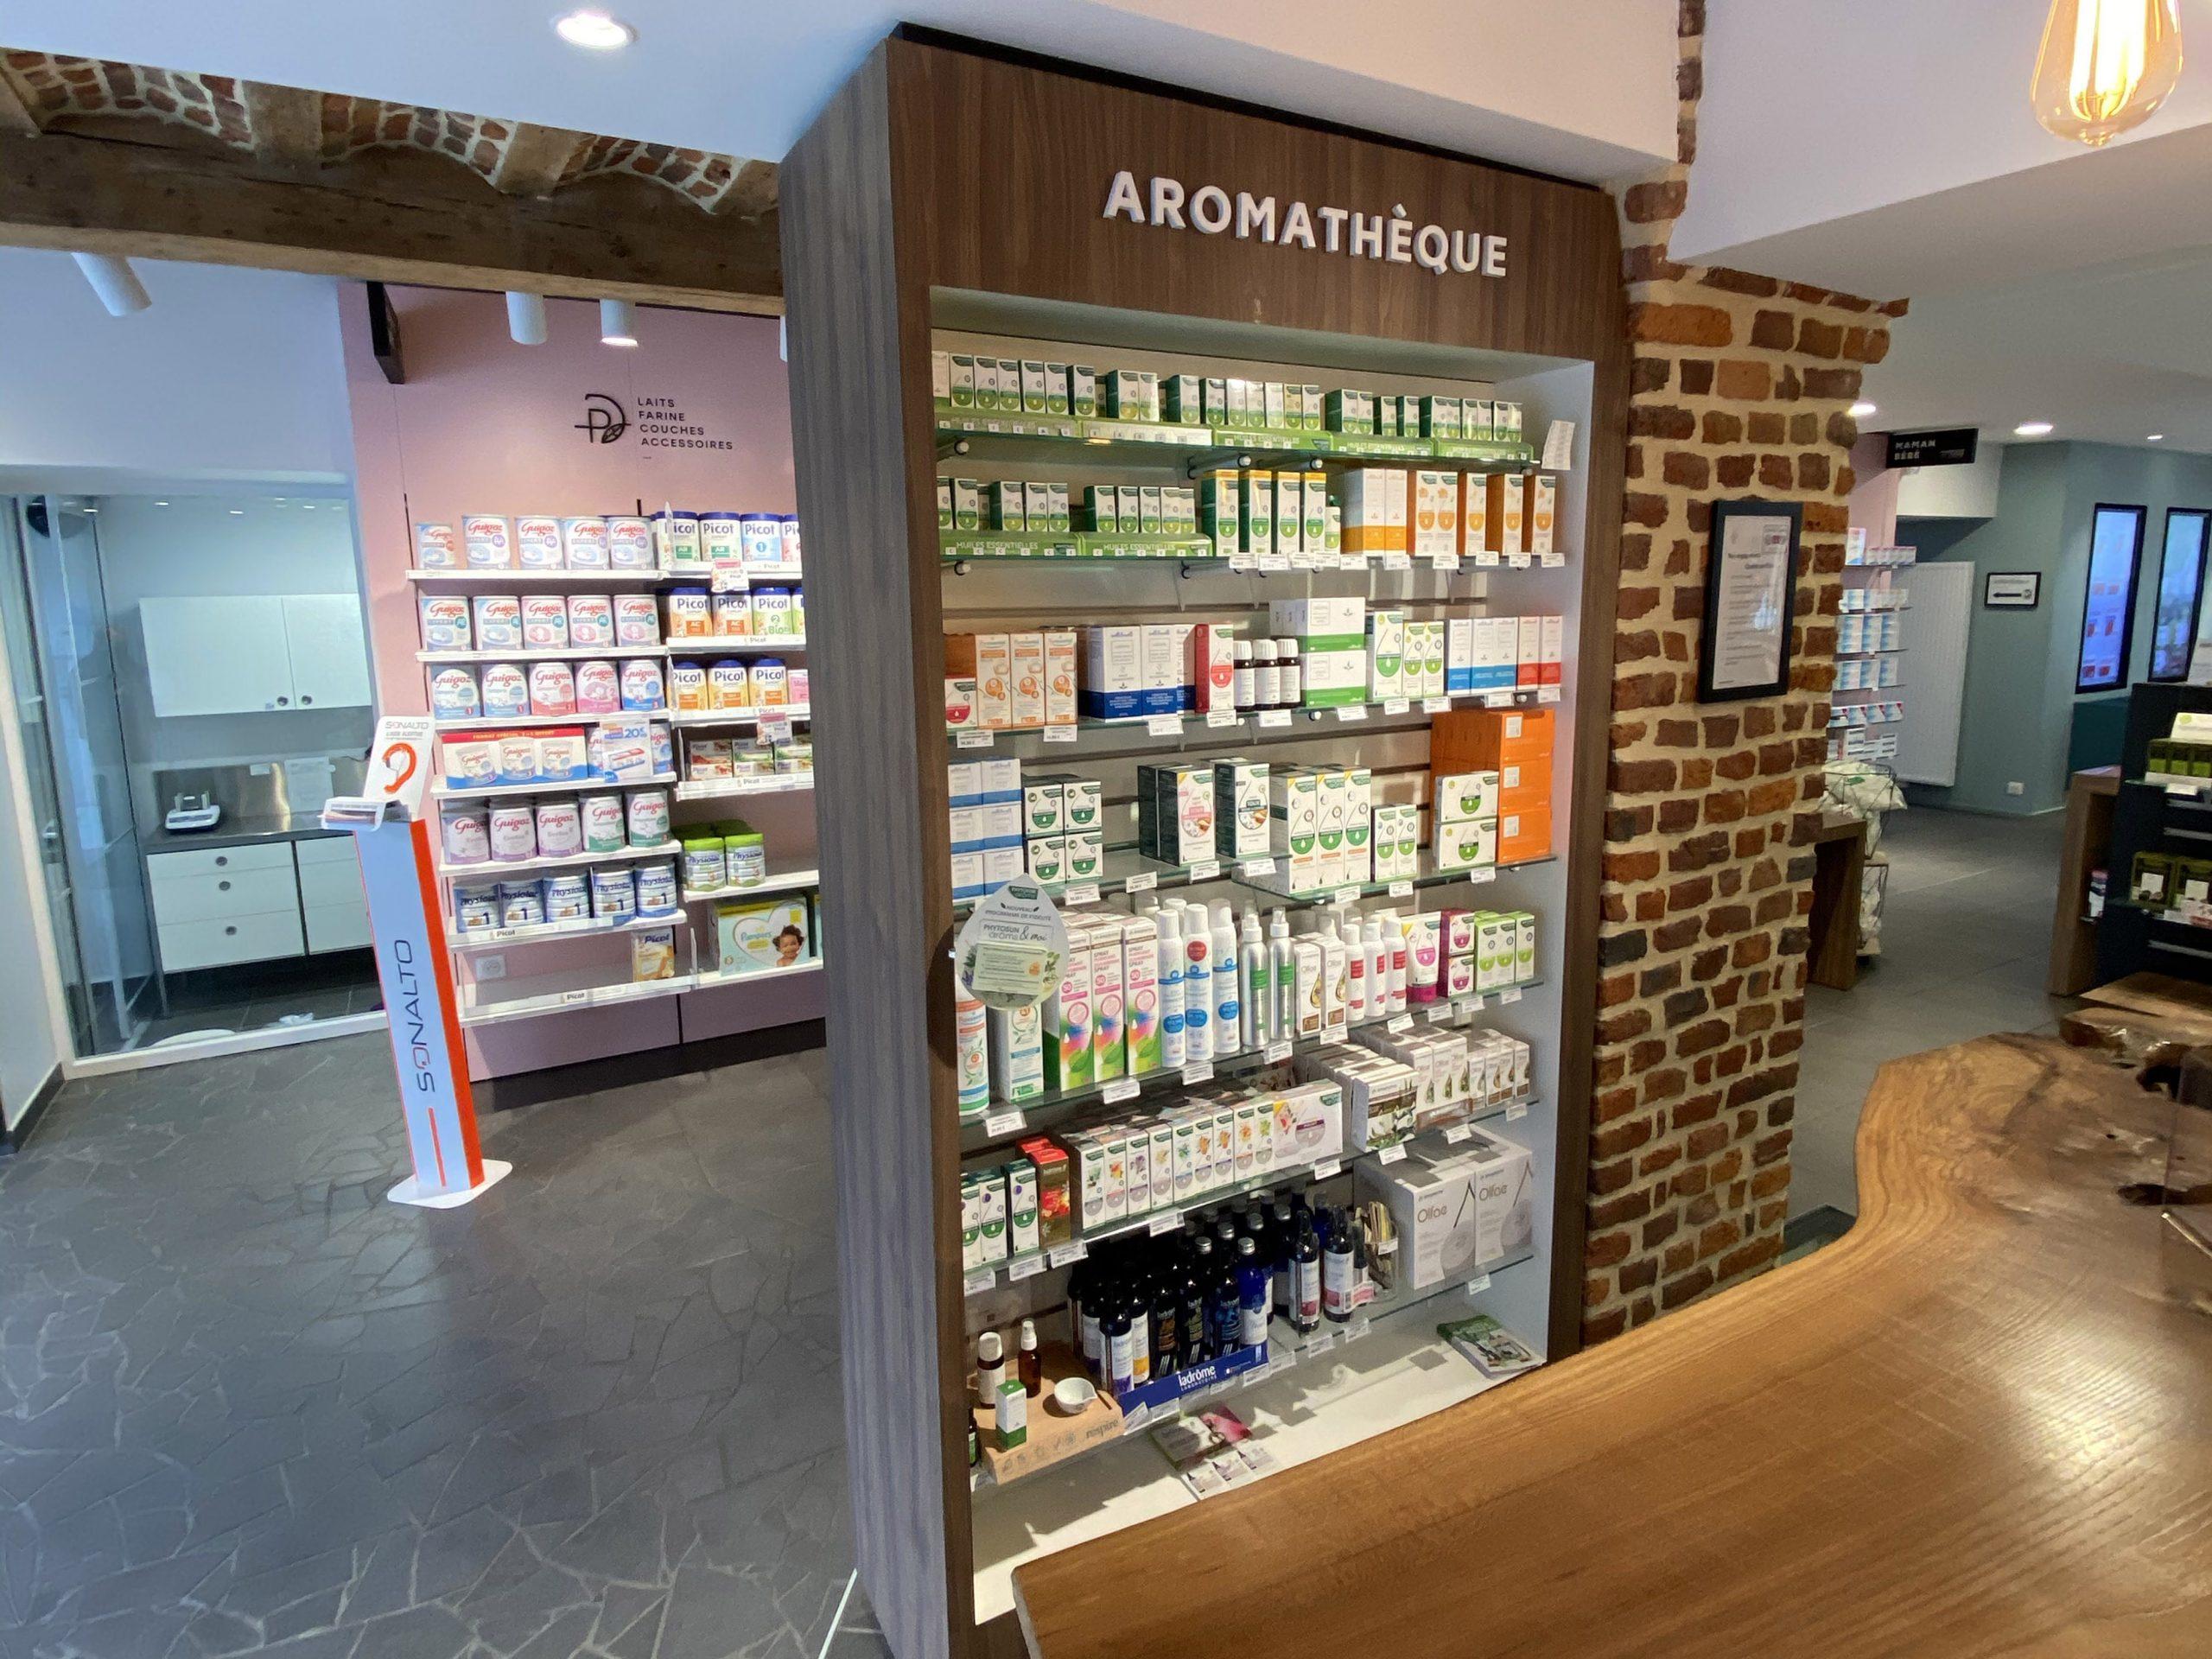 Pharmacie de la Thure à Cousolre - Aromathérapie